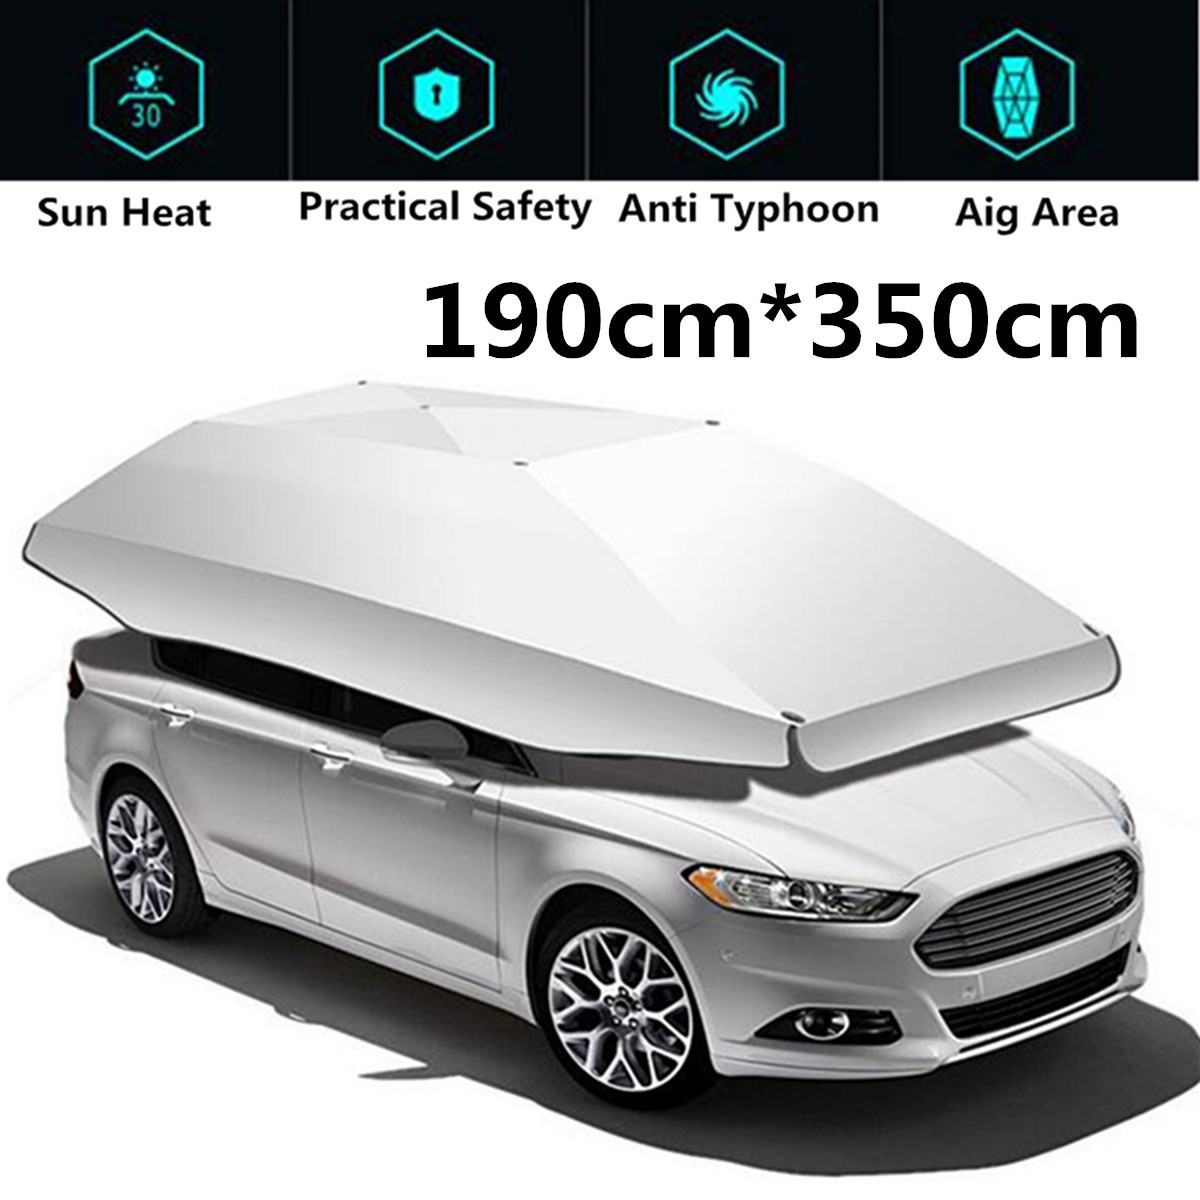 1.9*3.5 M Étanche voiture en plein air Véhicule Tente Parapluie Parasol couverture de toit Anti-UV Kit parapluie de voiture pare-soleil parapluie de voiture